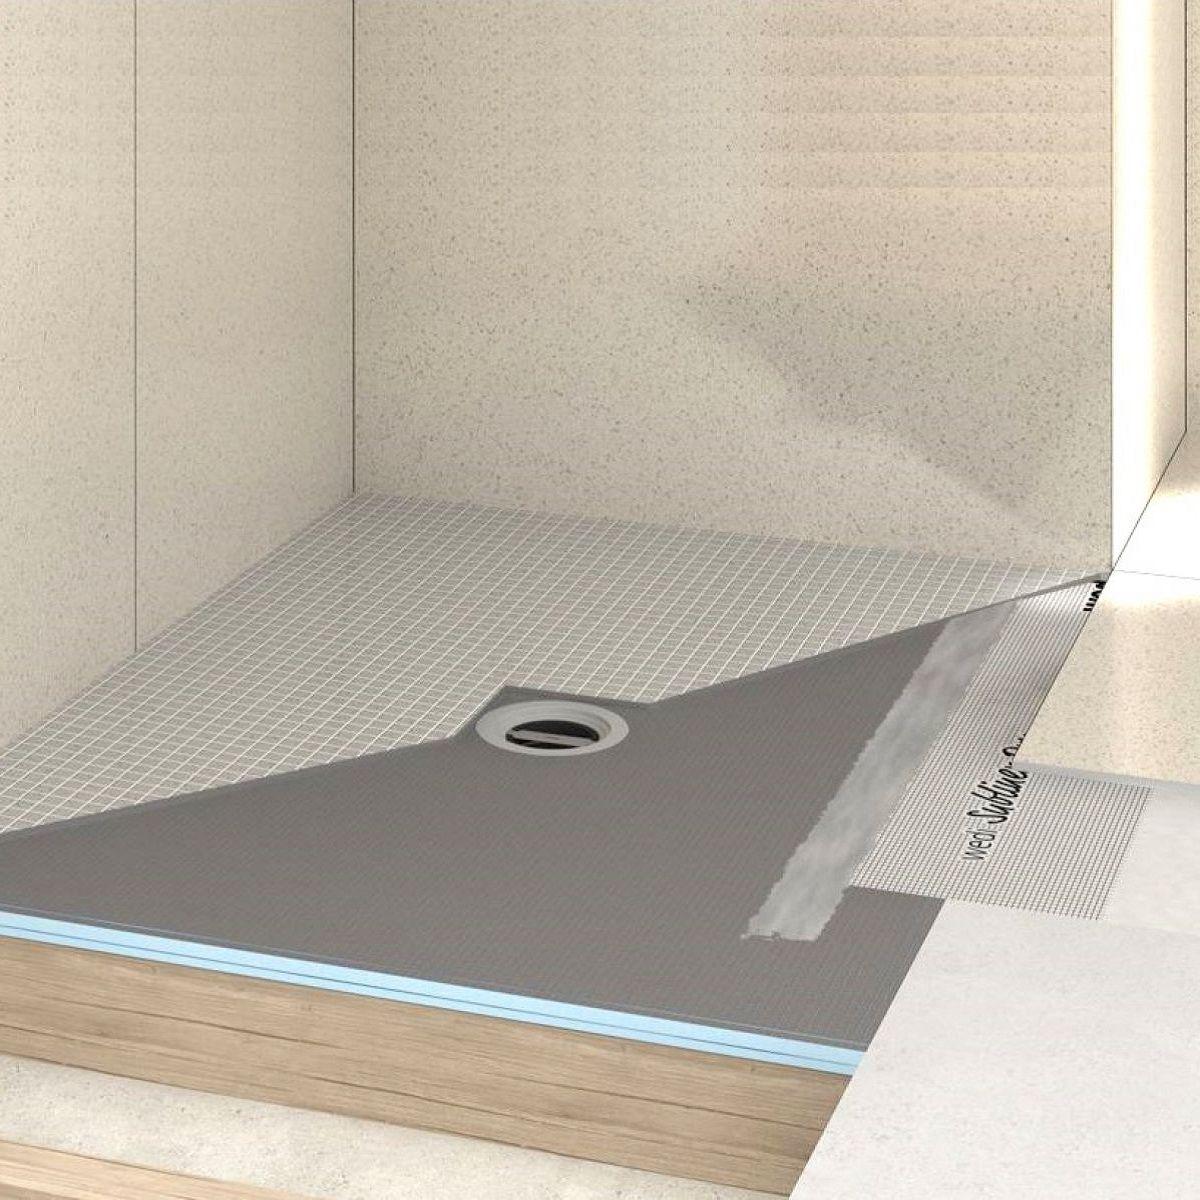 wedi fundo ligno shower base uk bathrooms. Black Bedroom Furniture Sets. Home Design Ideas